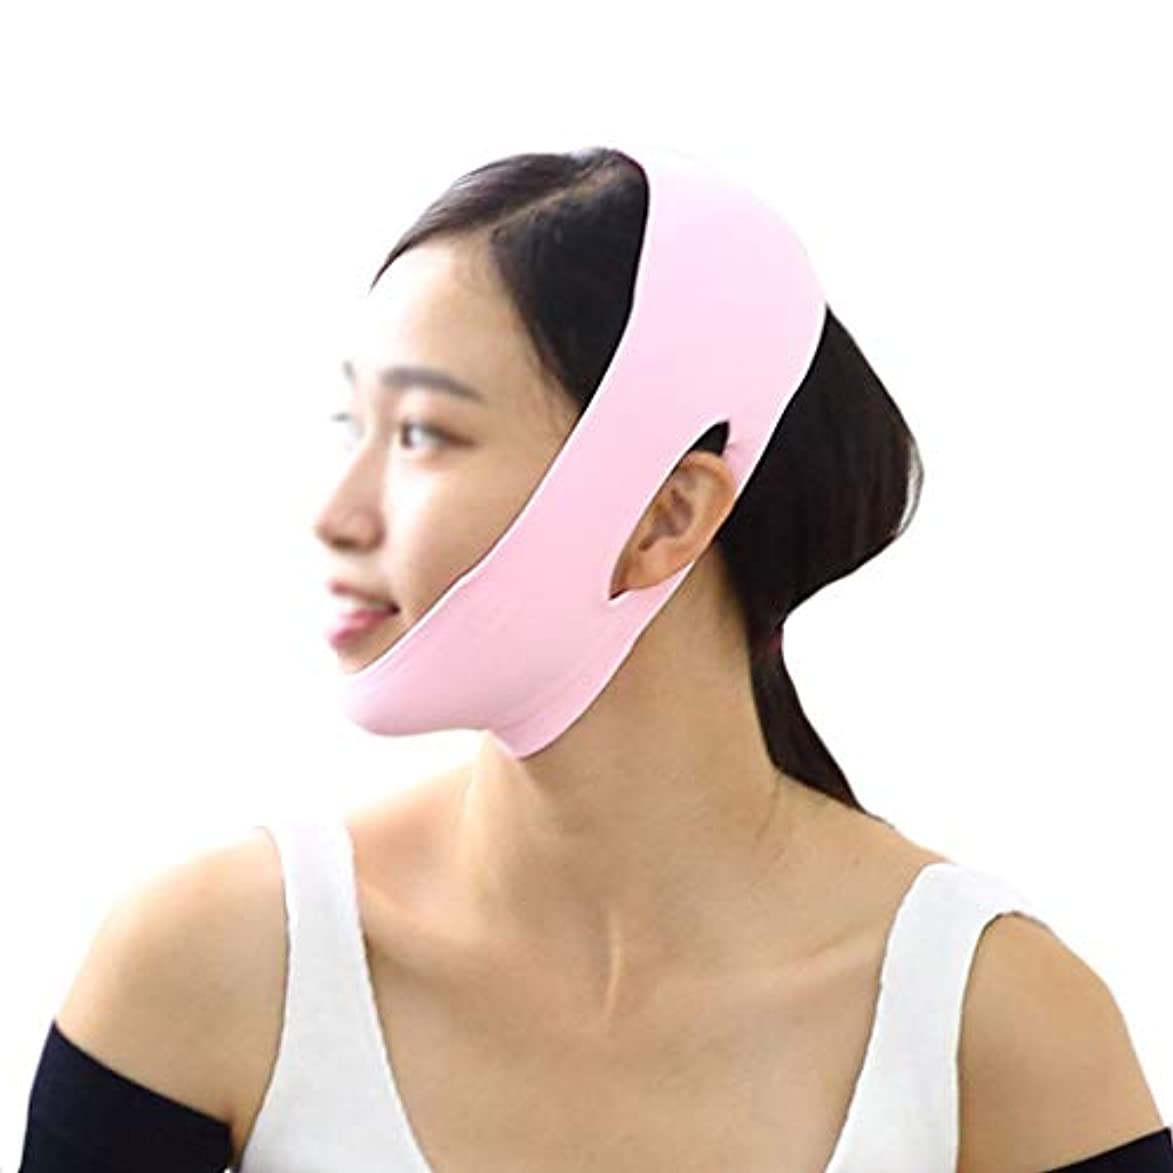 極めて重要な繰り返し刻むマスク包帯、法令二重あご、フェイシャルライン、あご吊り上げストラップ、フェイスリフトベルト(ワンサイズ、ピンク)